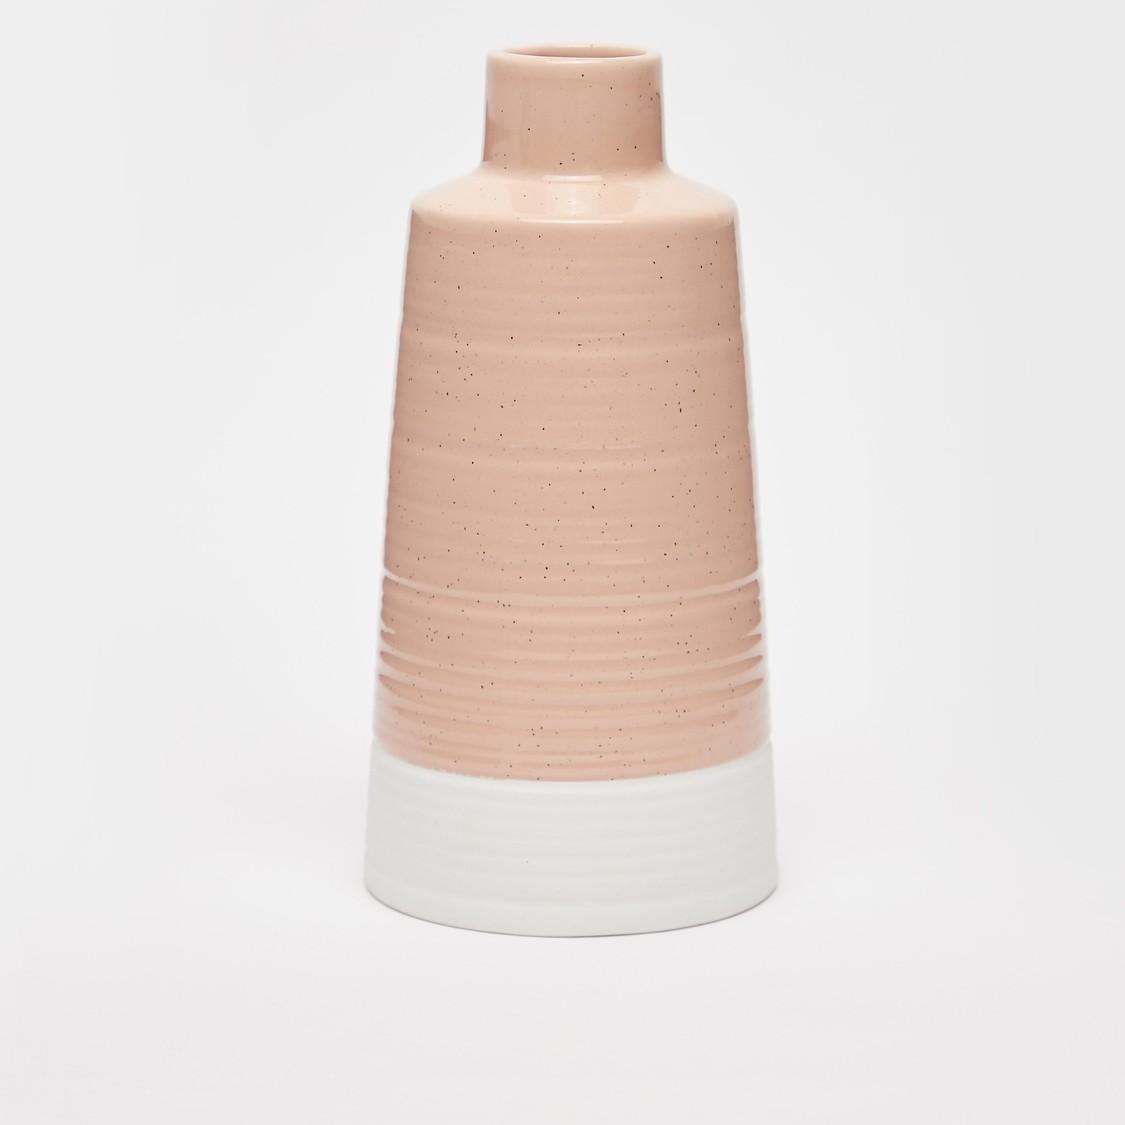 مزهرية سيراميك مزينة بتصميم قوالب ملونة - 22.5x11 سم